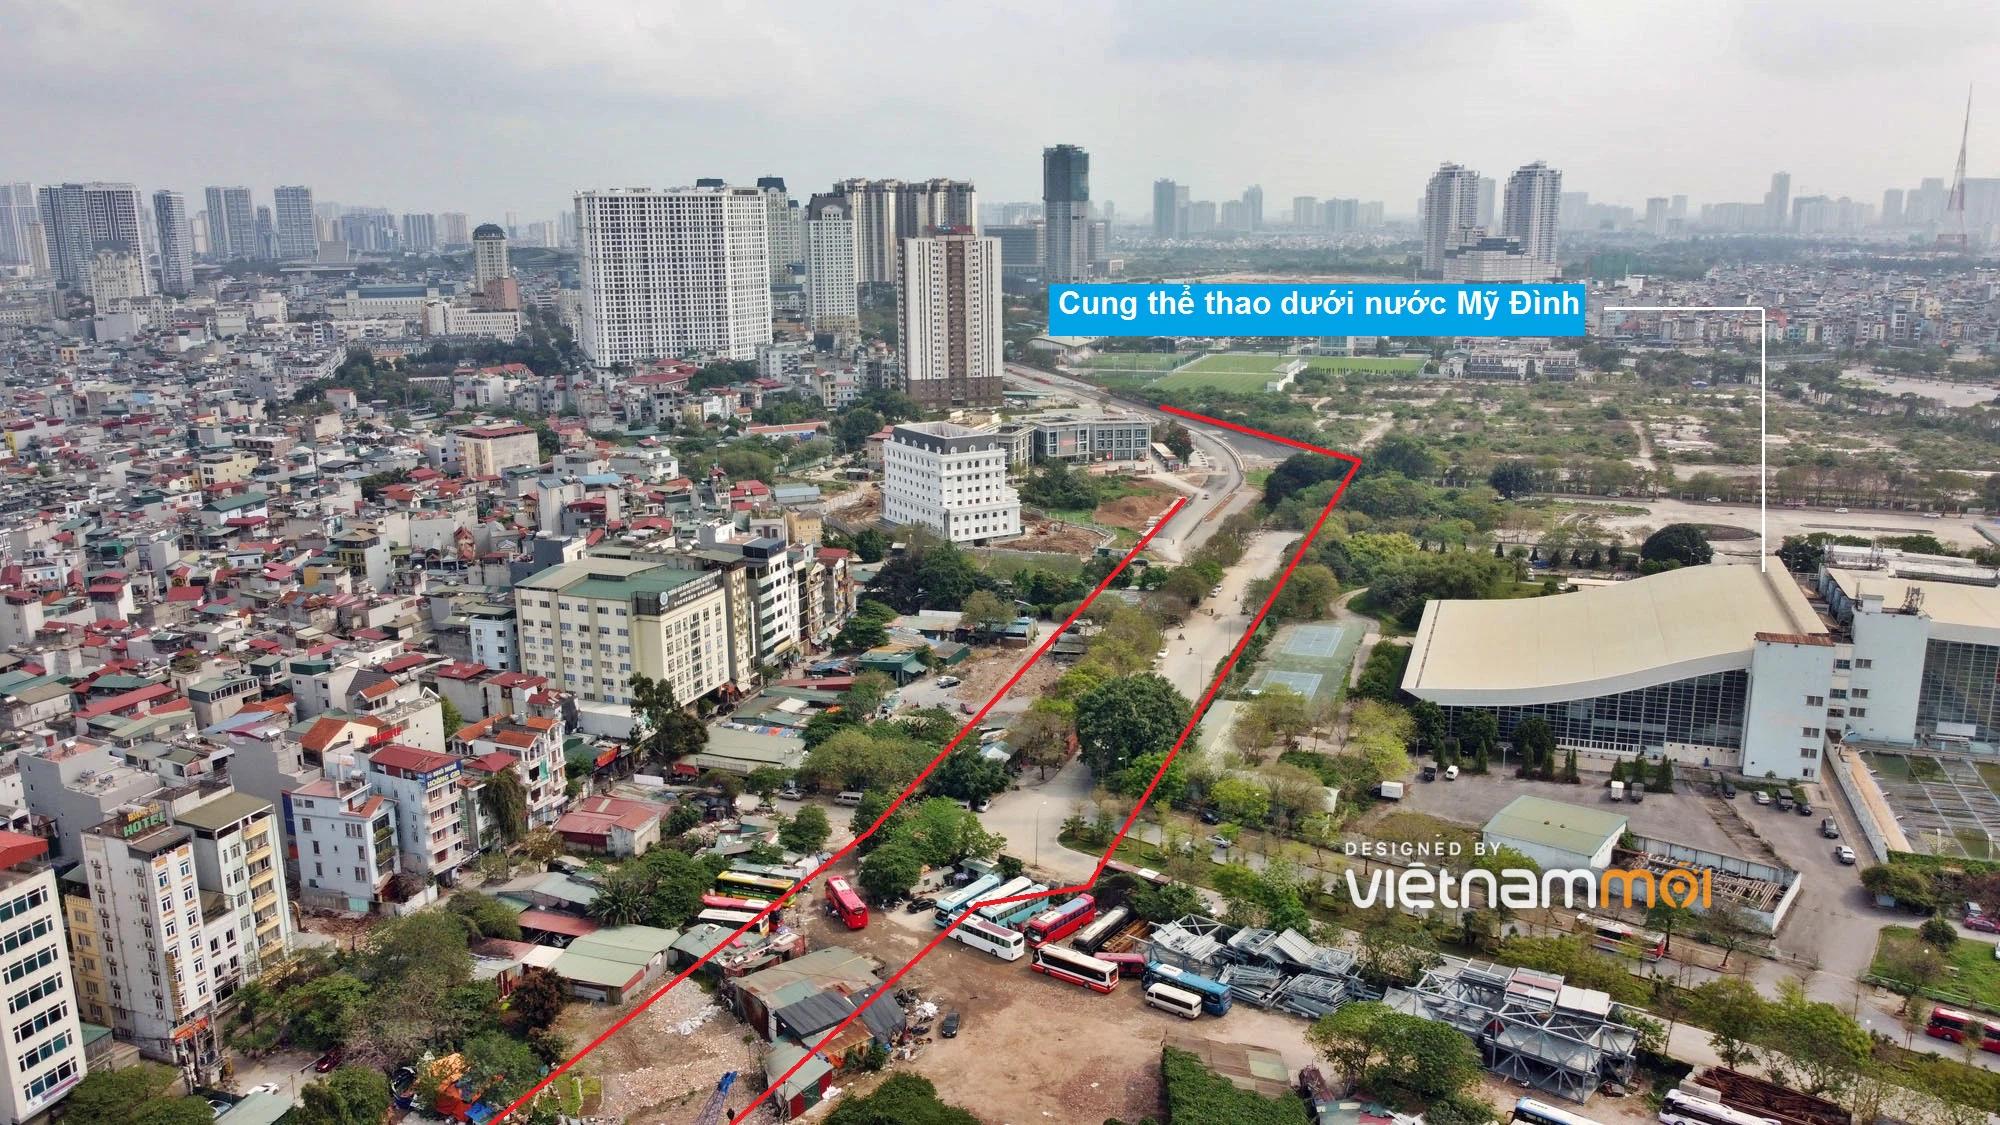 Toàn cảnh đường từ Vũ Quỳnh đến Lê Đức Thọ - Phạm Hùng đang mở theo quy hoạch ở Hà Nội - Ảnh 9.